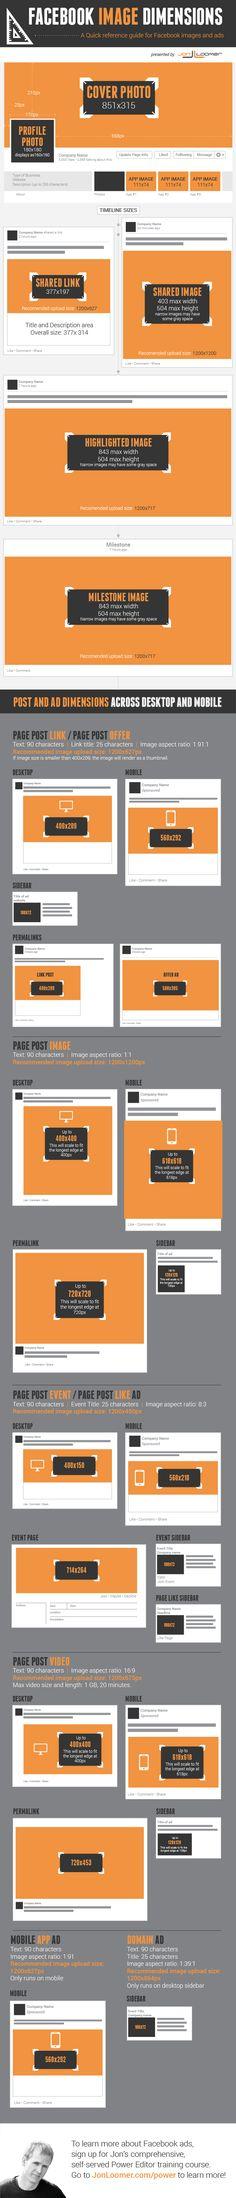 C'est une question qui revient sans cesse. Quelle est la taille optimale des images sur Facebook ? Quelles sont les dimensions idéales de la photo de couve